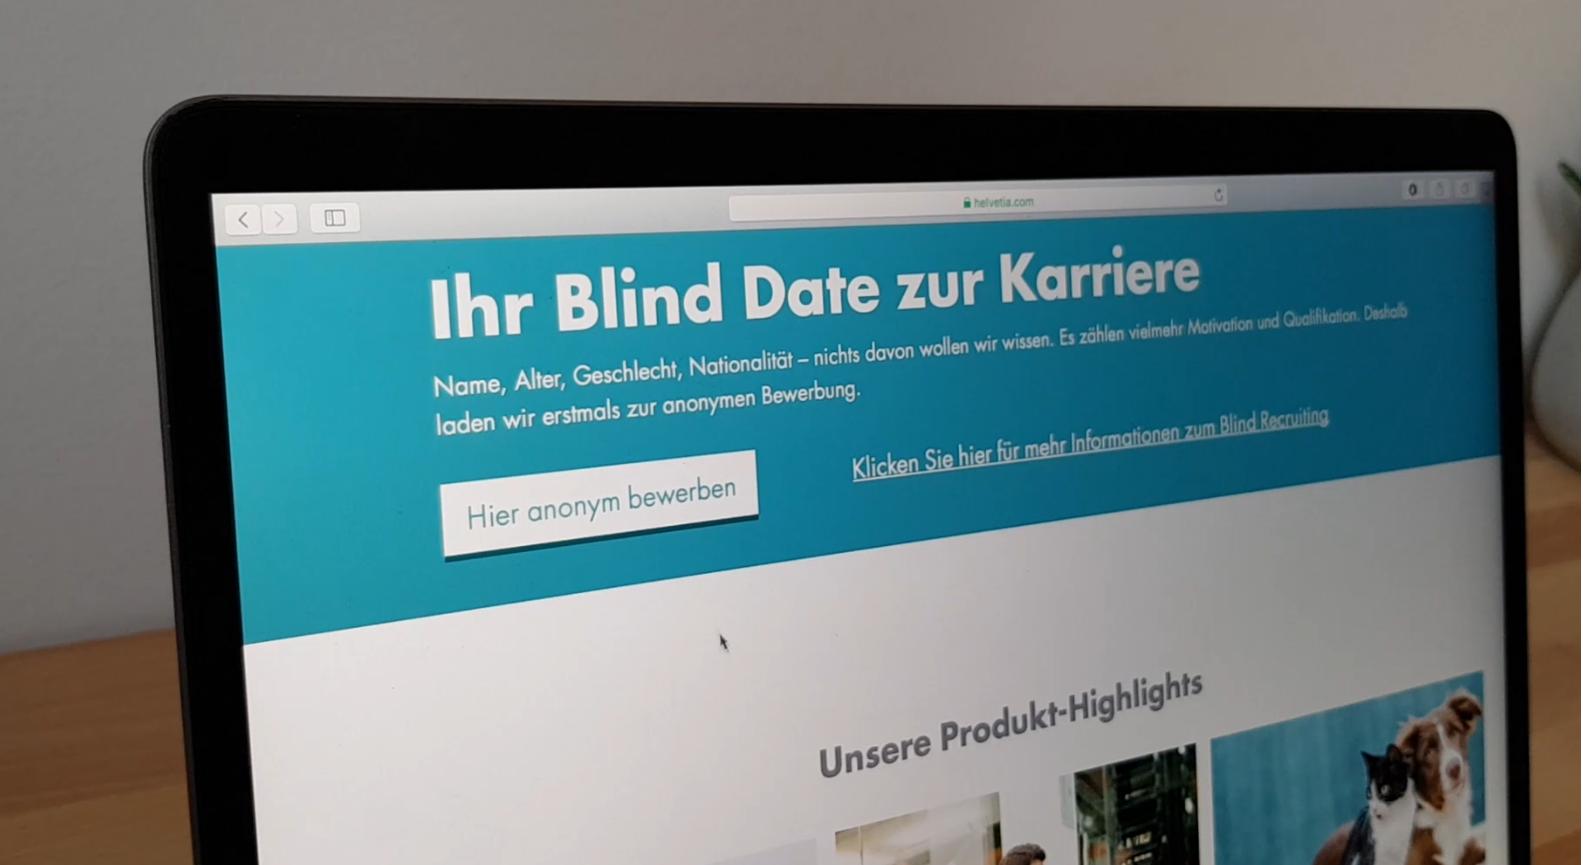 Blind Date zur Karriere